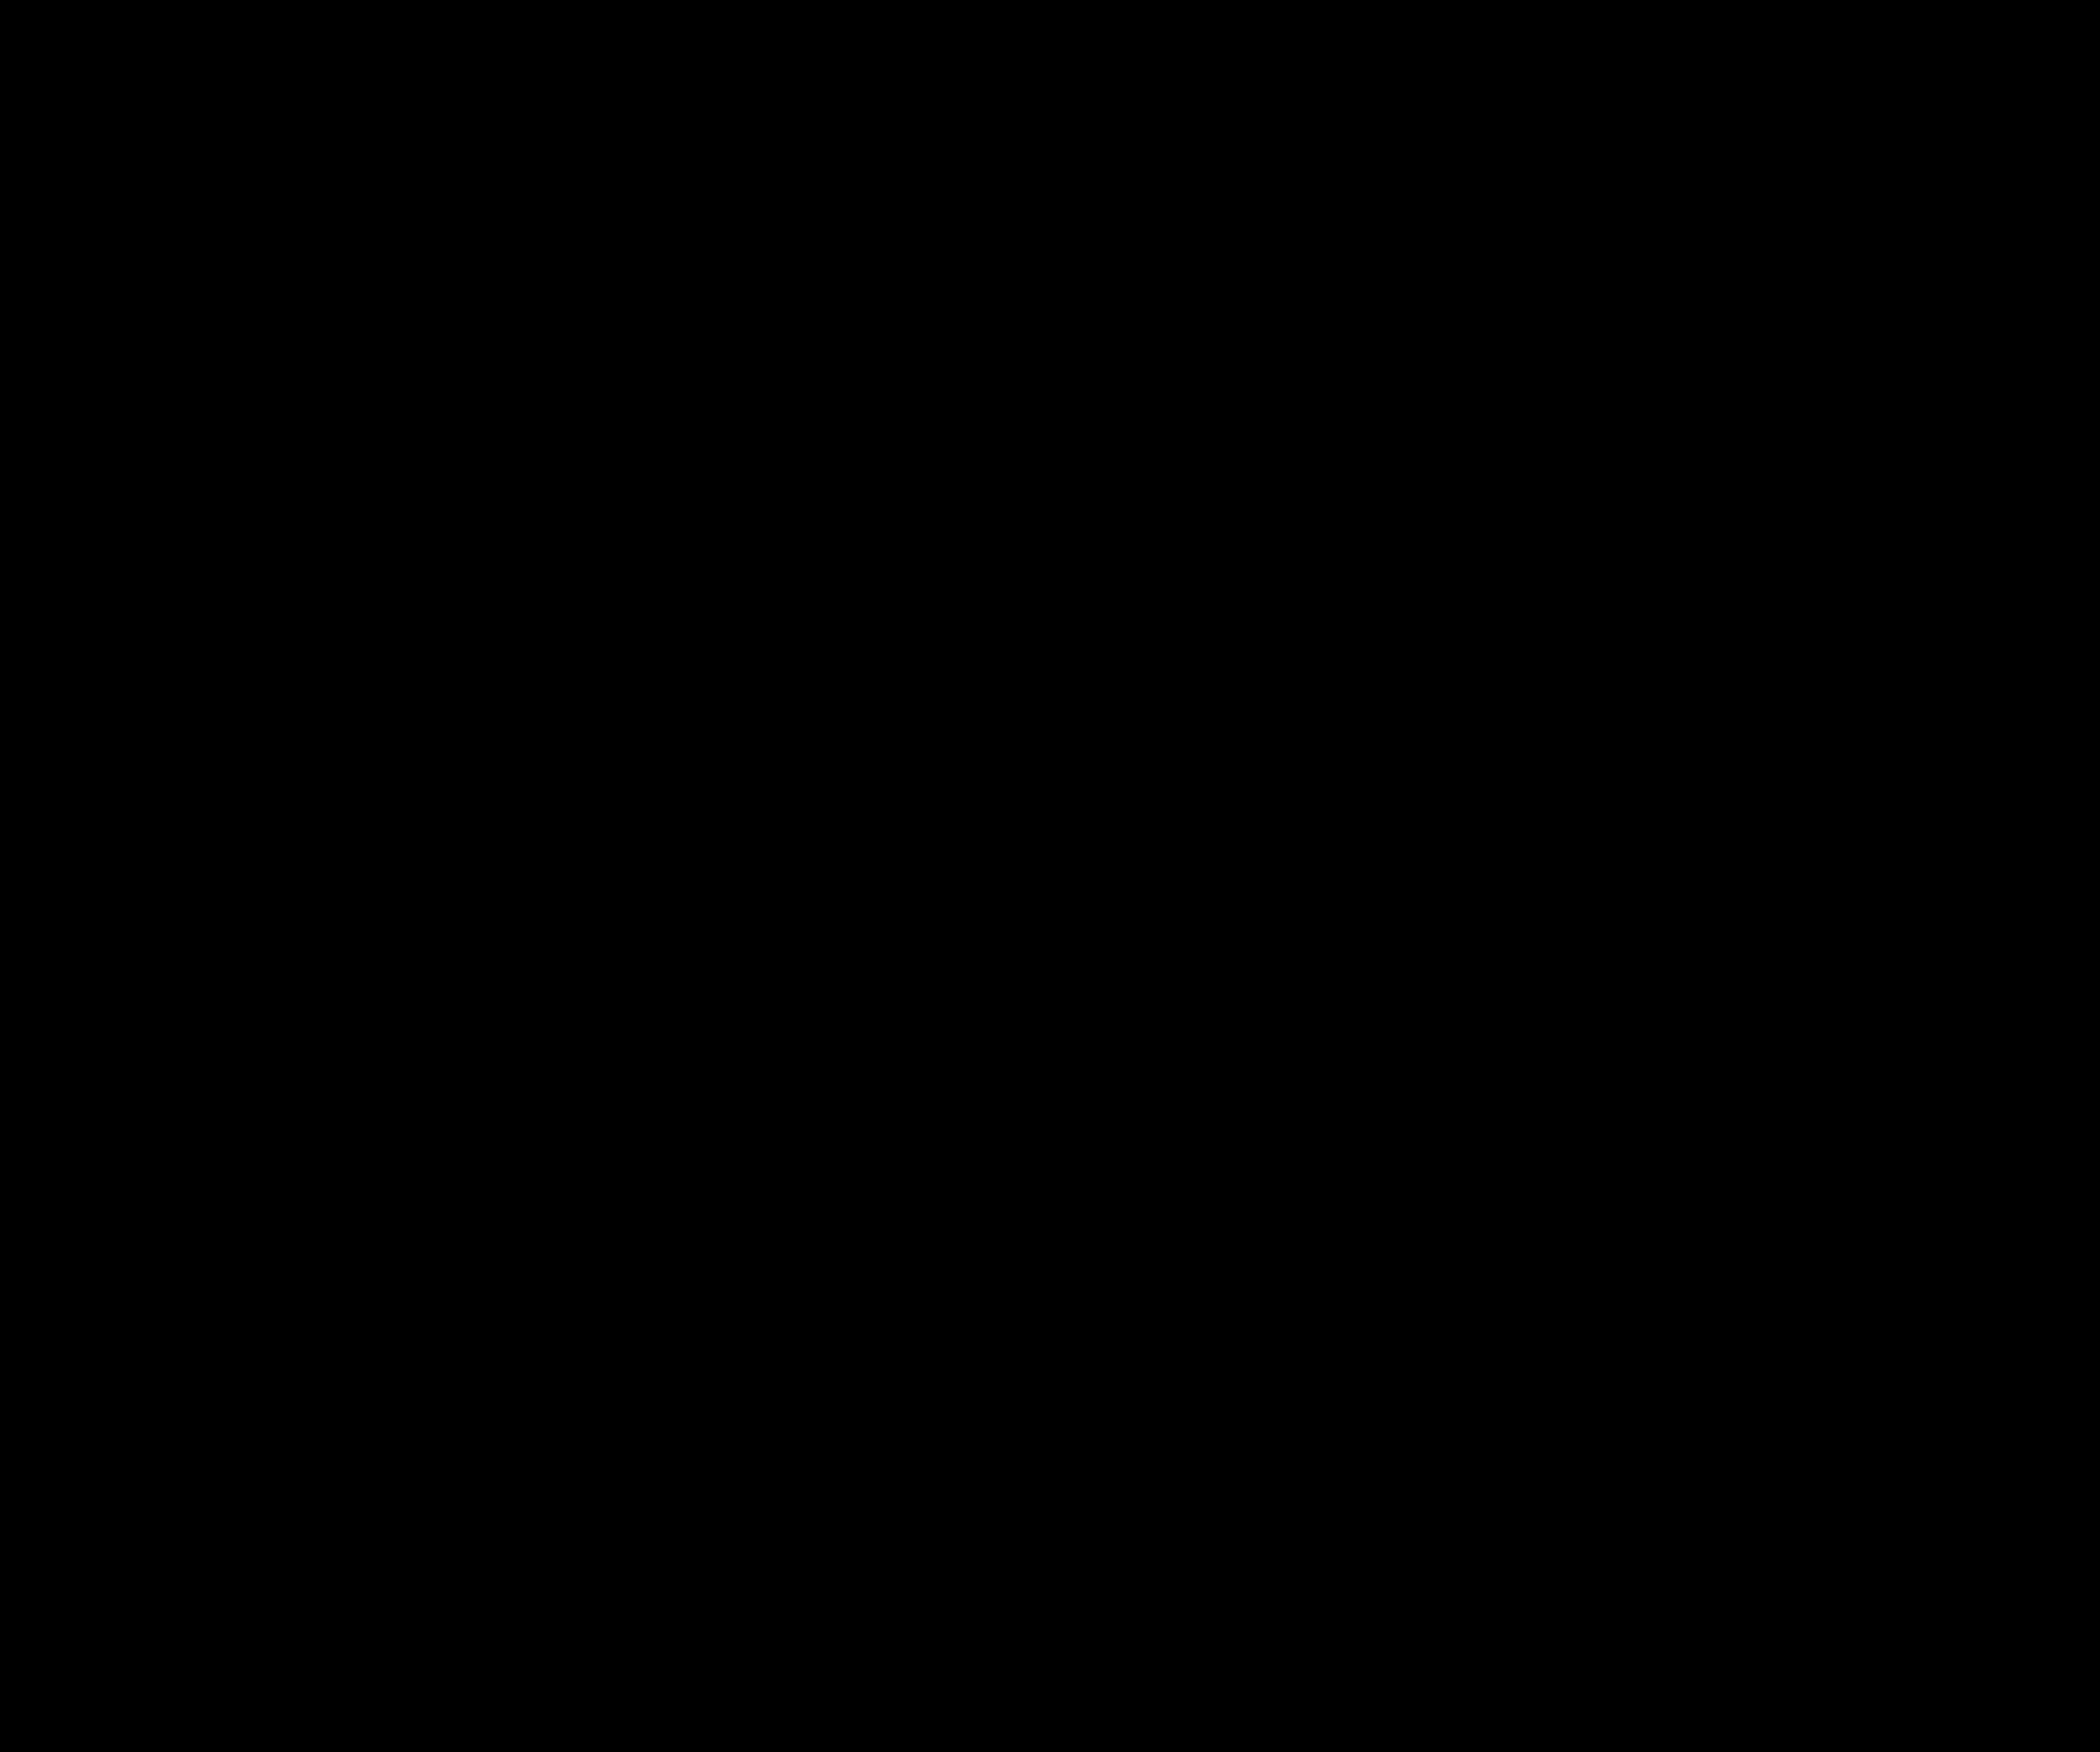 Restaurace Havlíček logo